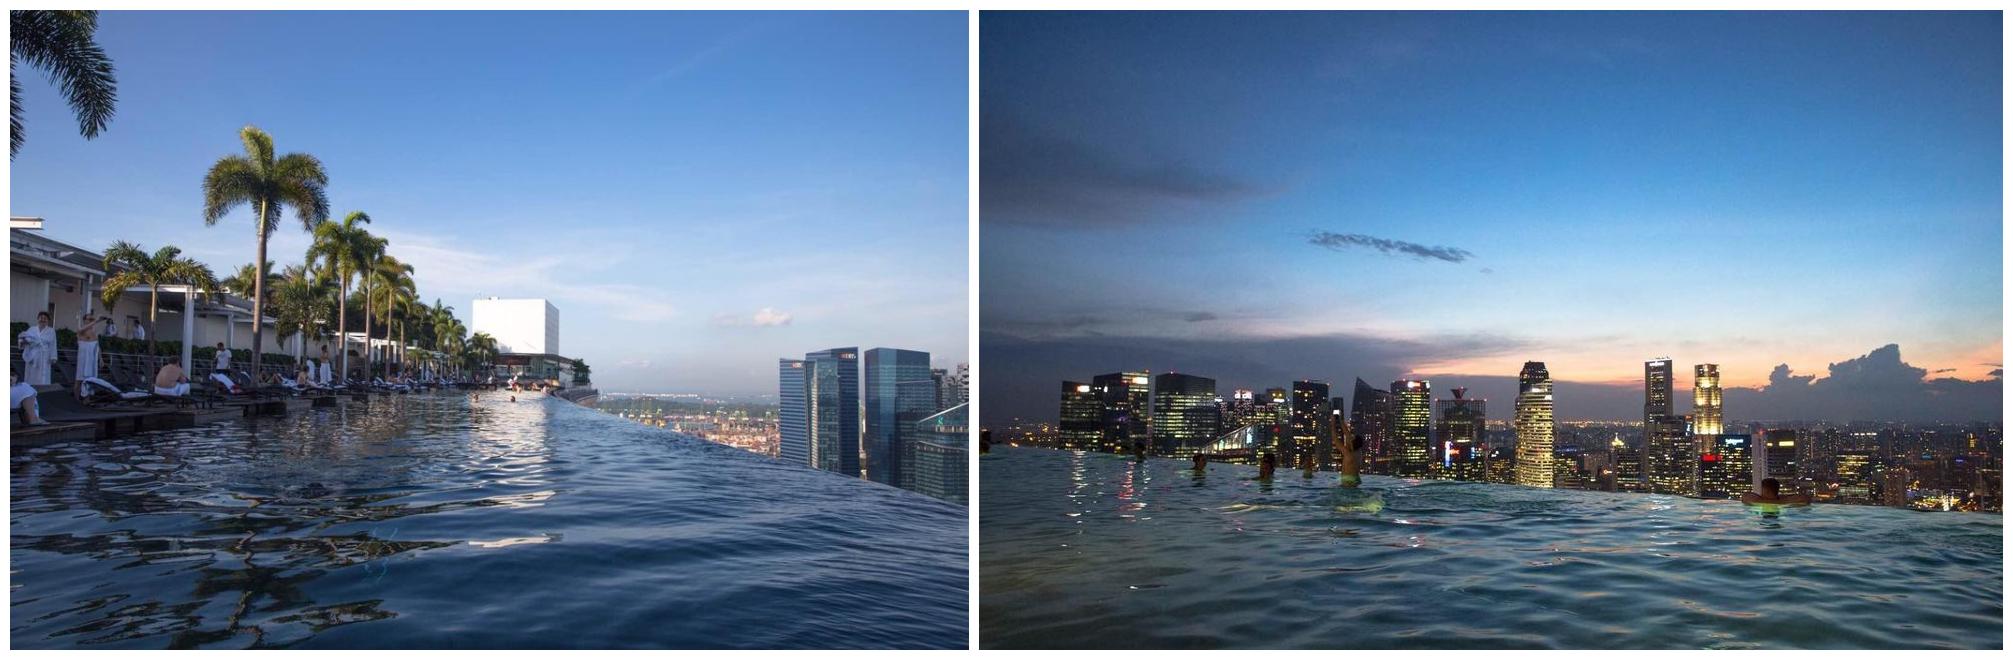 新加坡-滨海湾金沙空中花园-dannyy63778